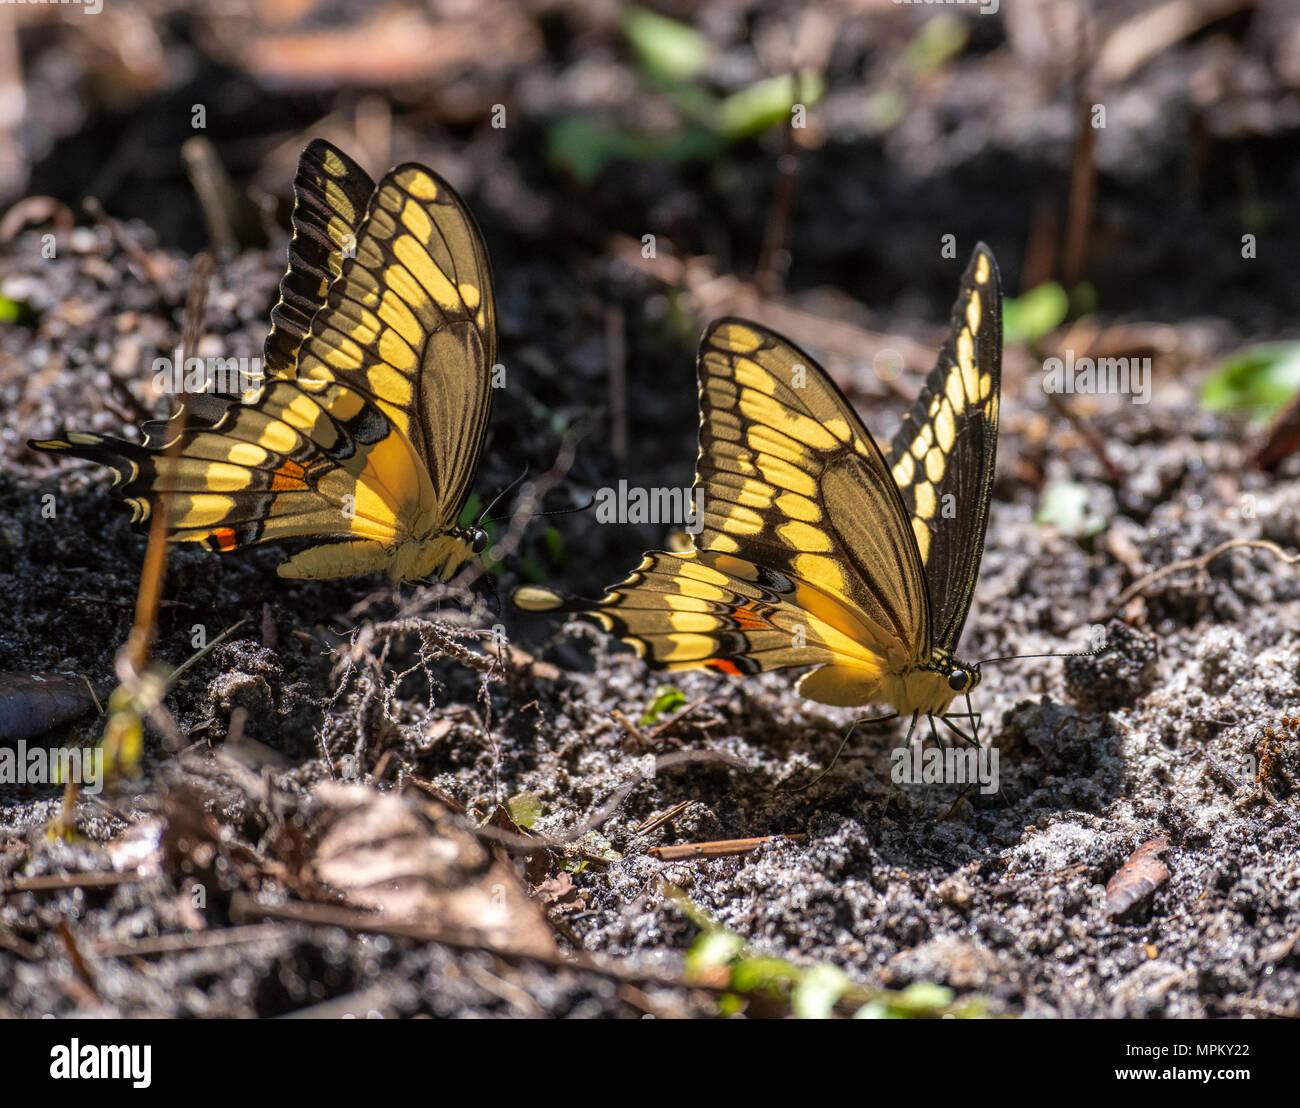 Une paire de papillons Machaons en sirotant l'humidité du sol Photo Stock